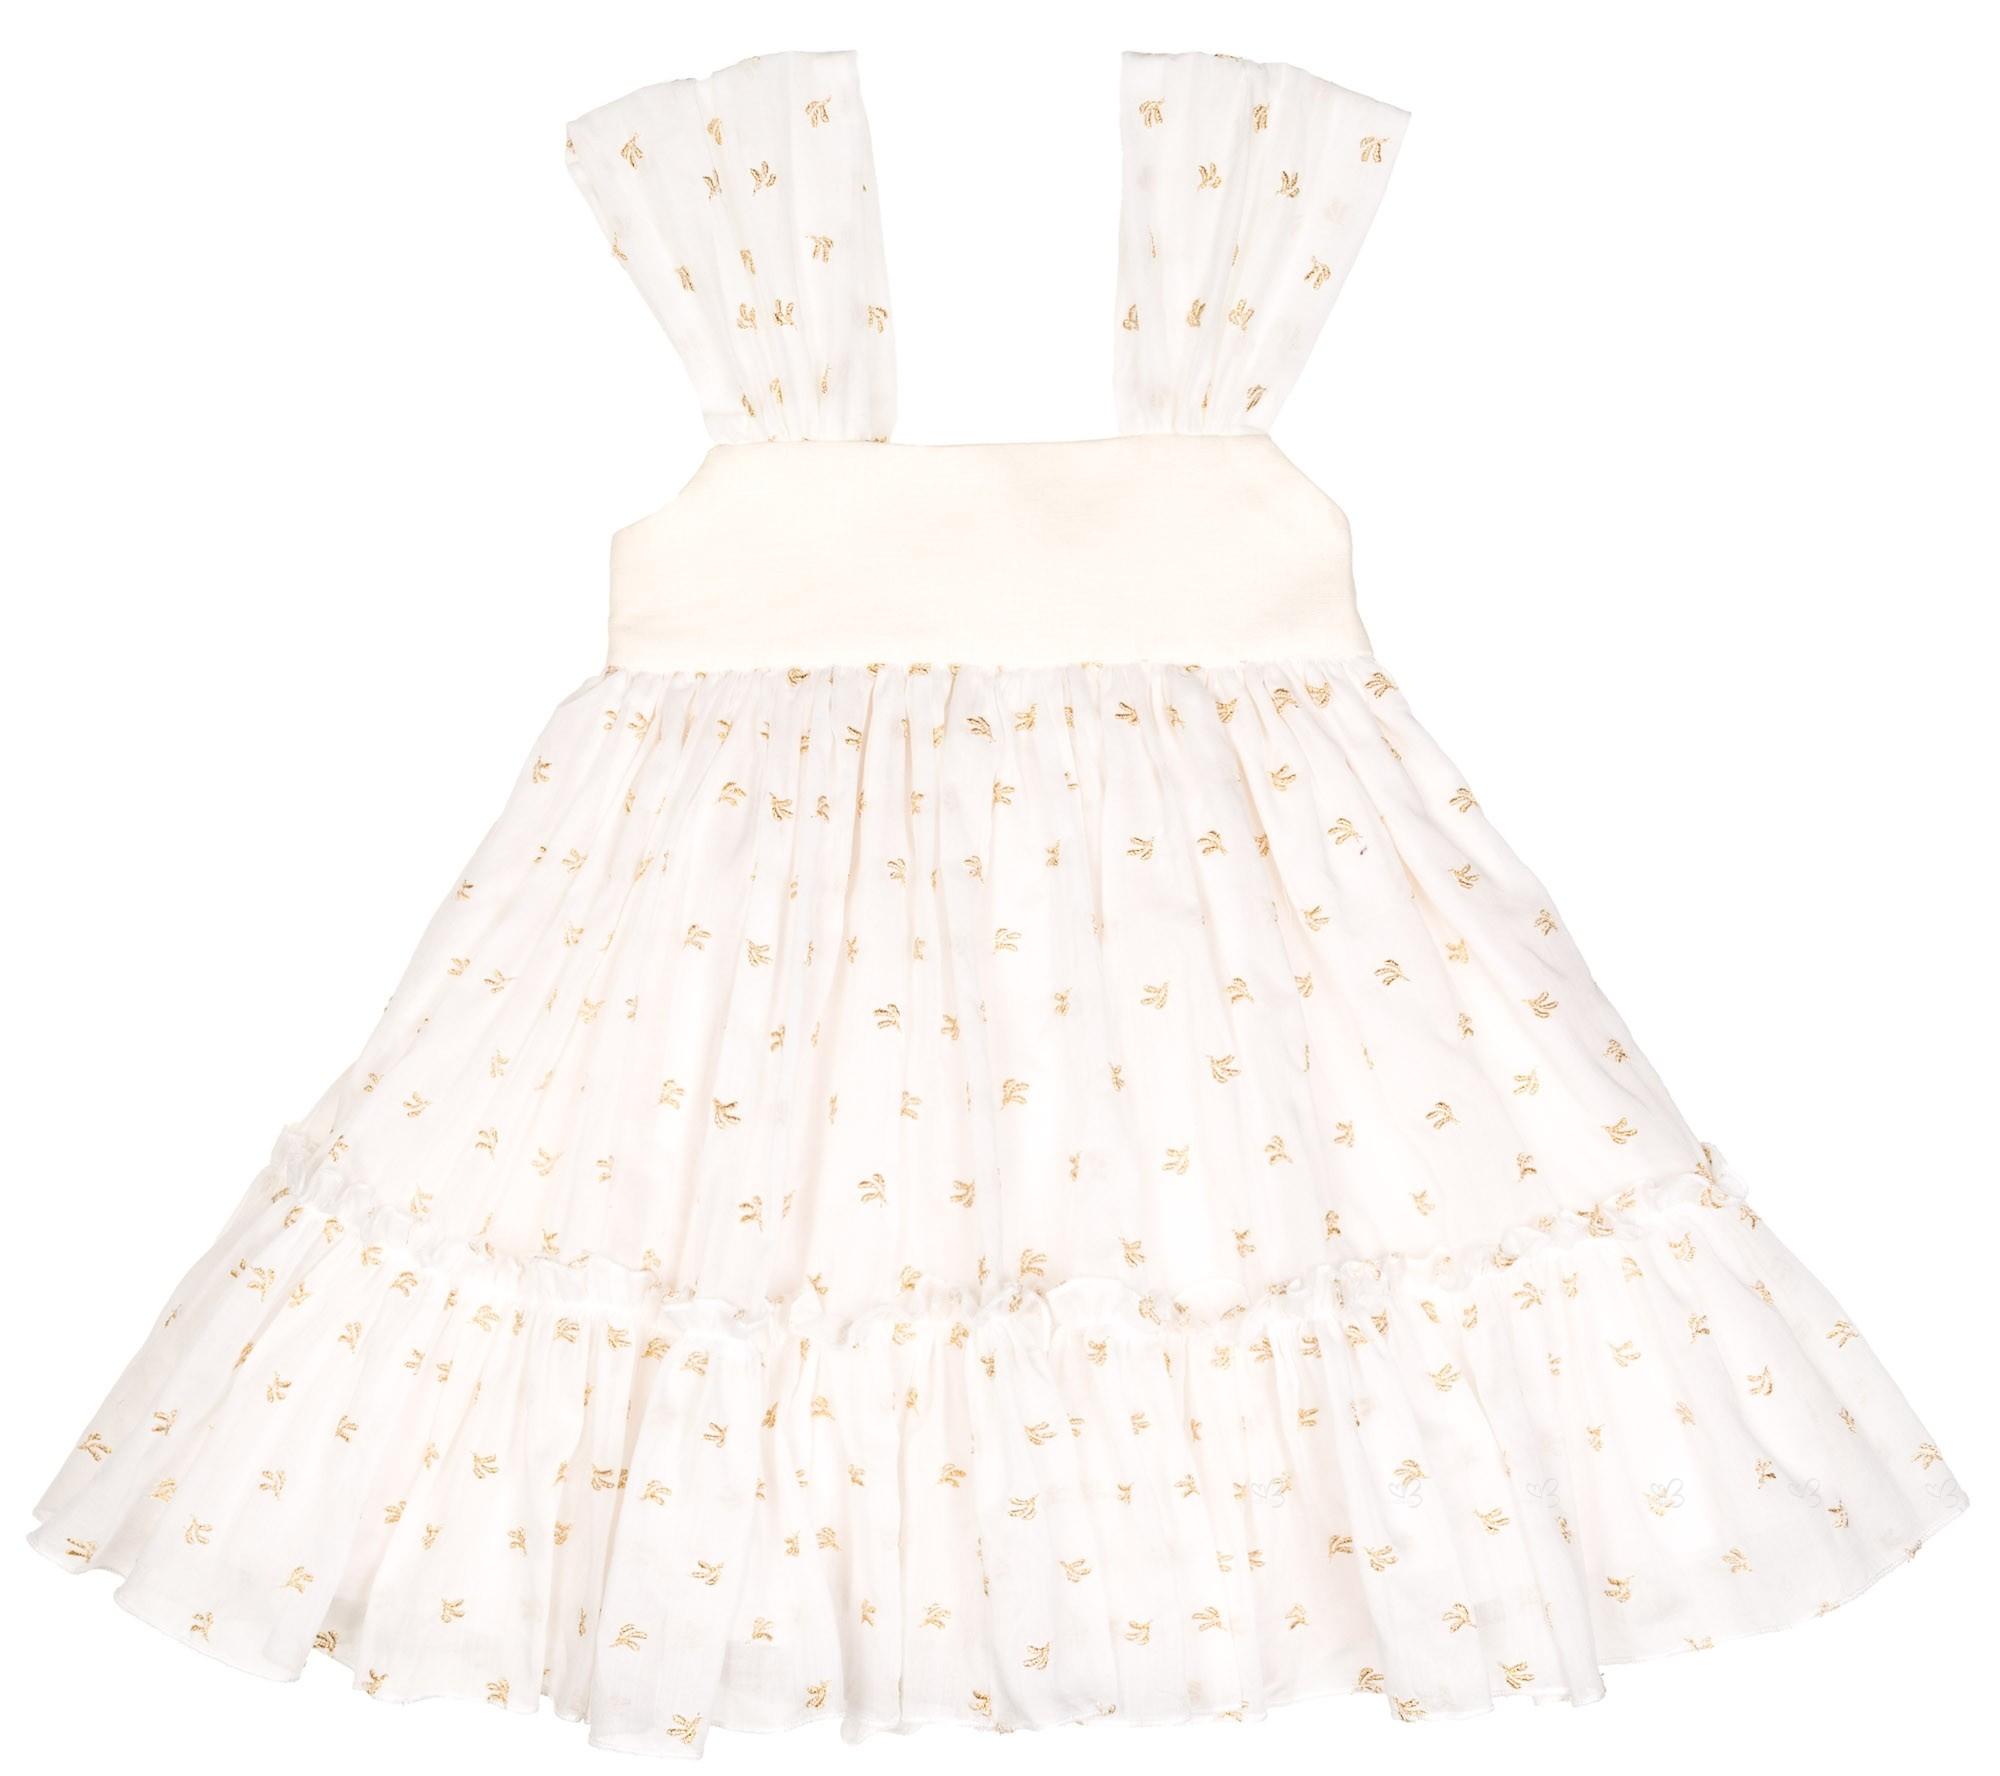 Que pasa con el vestido blanco y dorado